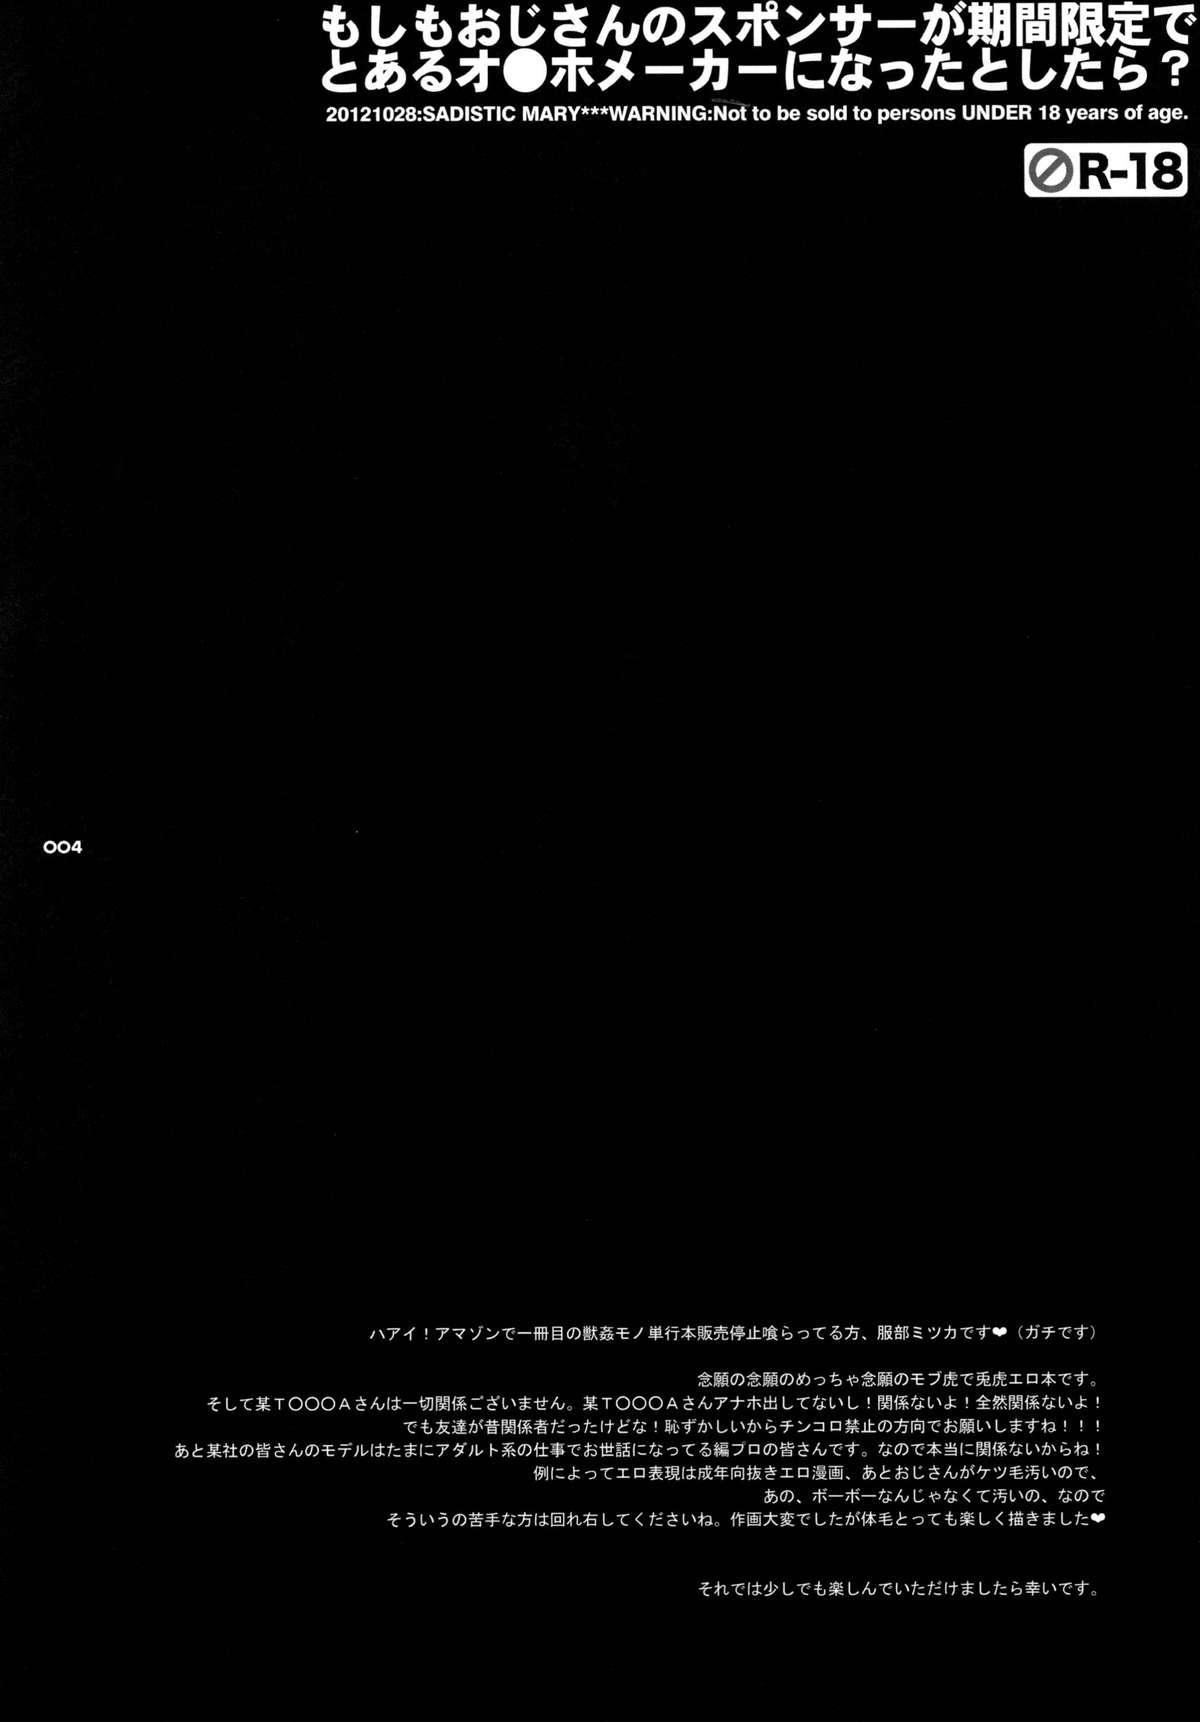 (GONEXT! 4) [Sadistic Mary (Hattori Mitsuka)] Moshimo Oji-san no Sponsor ga Kikan Gentei de Toaru Onahole Maker ni Natta to   What if the Oji-san's sponsor is an onahole maker for a certain time (TIGER & BUNNY) [English] [desudesu] 2